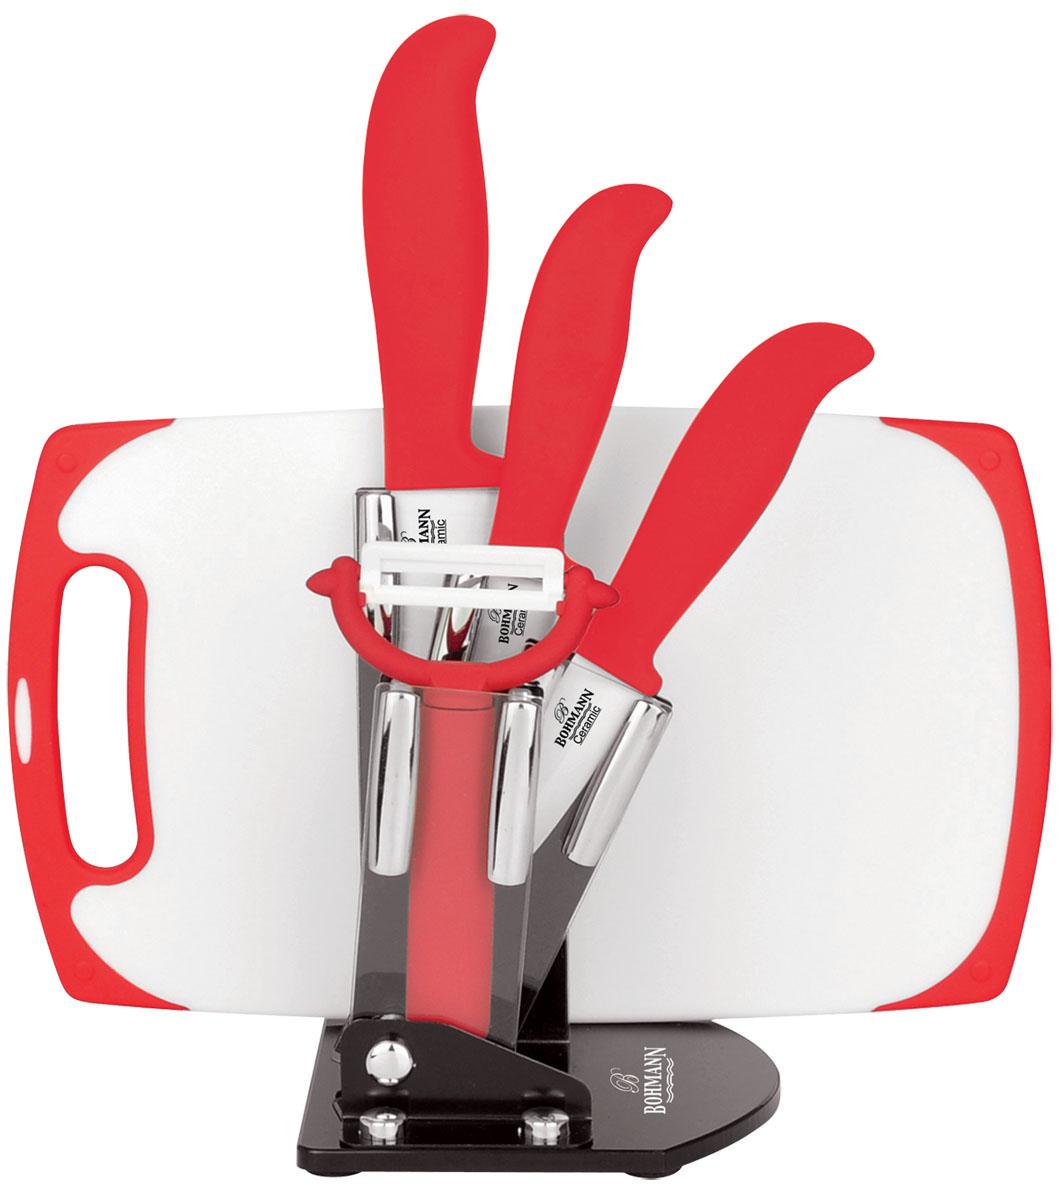 Набор ножей Bohmann, на подставке, 6 предметов. 5234BH5234BHНабор Bohmann состоит из ножа шеф-повара, универсального ножа, ножа для чистки овощей, овощечистки, подставки и разделочной доски. Лезвия ножей изготовлены из керамики, благодаря чему обладают сверхвысокой твердостью и износостойкостью. Резать без заточки таким ножом можно долгие годы, на нем не появляются царапины, и при этом он ощутимо легче стального. Керамика не оставляет на продуктах неприятного металлического послевкусия. Продукты, которые вы нарезаете керамическим ножом, не вступают в химическую реакцию, не окисляются и не намагничиваются - то есть сохраняют все свои полезные свойства. Полимерное покрытие препятствует прилипанию продуктов к лезвиям. Эргономичные бакелитовые рукоятки с эффектом Soft-Touch позволят держать нож свободно и максимально удобно. Нарезать продукты или чистить овощи теперь станет намного проще. Подставка изготовлена из прозрачного акрила, на дне имеются резиновые ножки для предотвращения скольжения по поверхности стола. В комплекте...